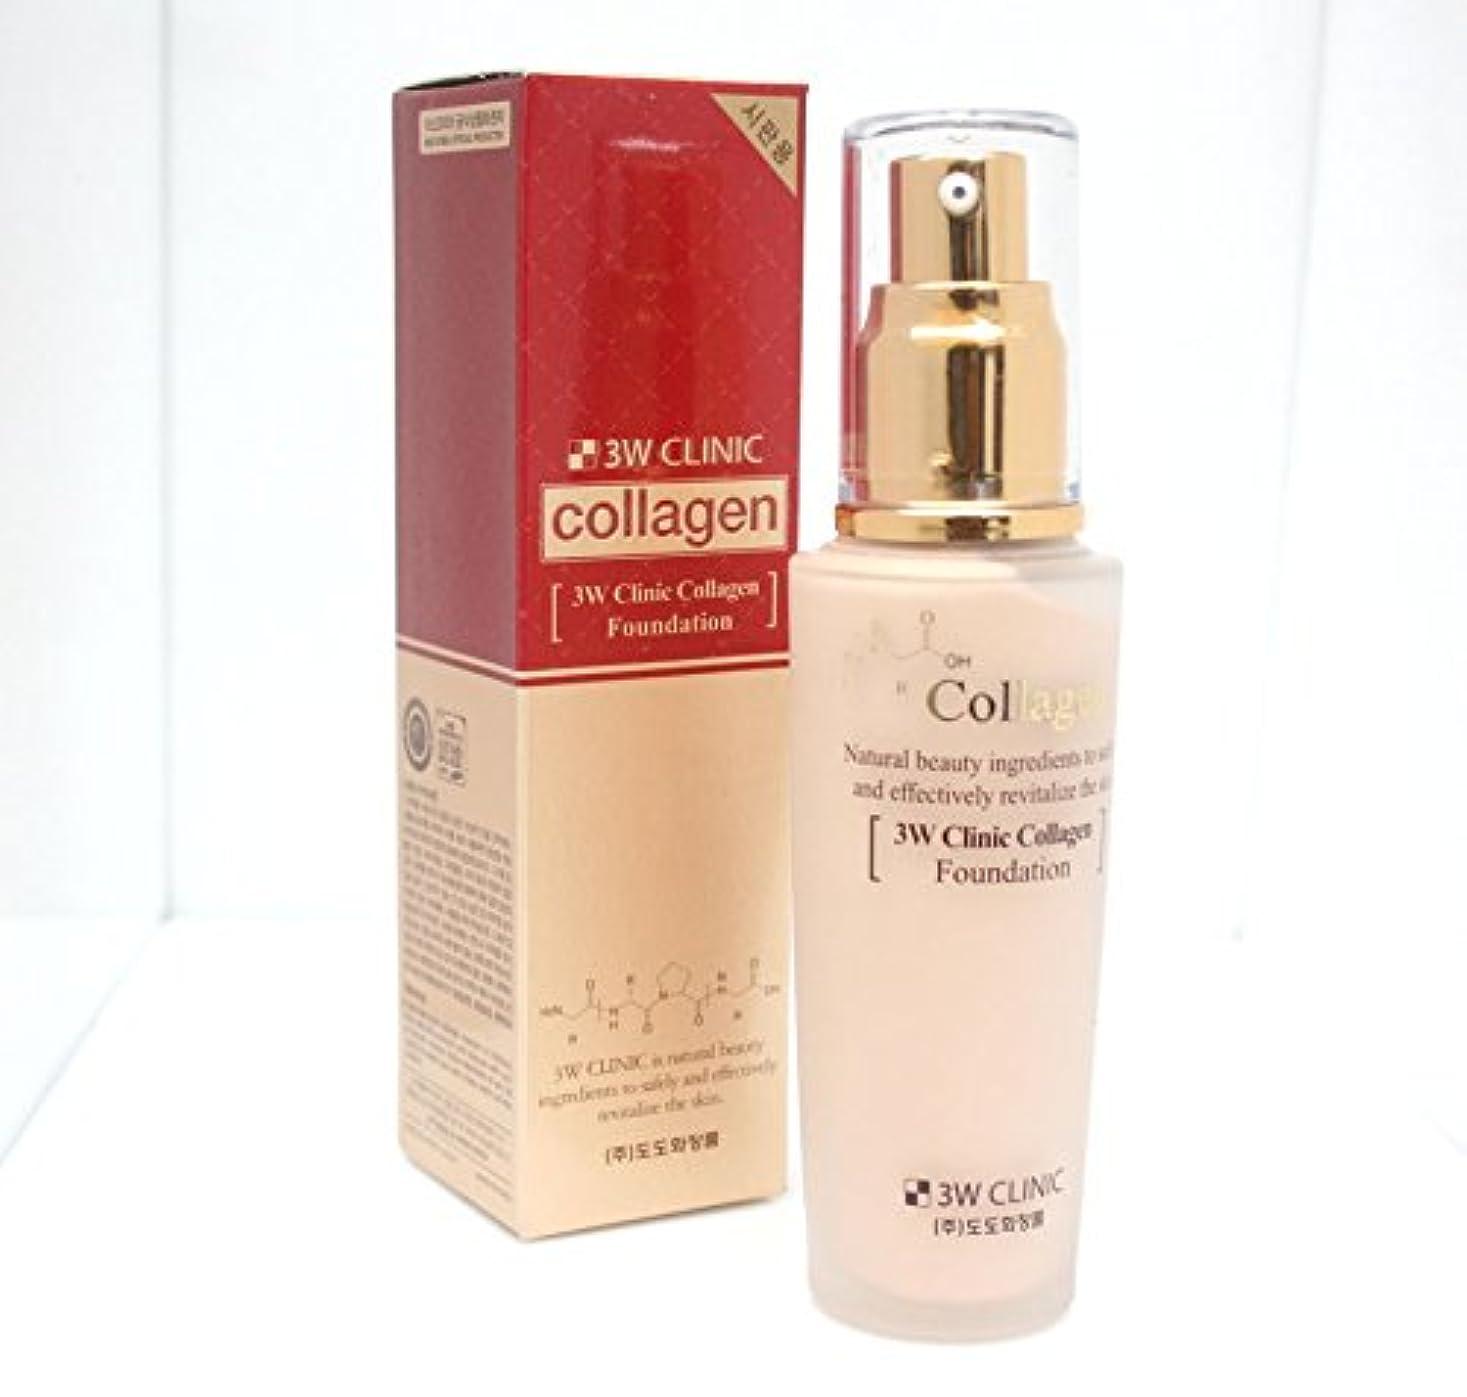 狂人請願者ピアノを弾く3Wクリニック[韓国コスメ3w Clinic]Collagen Foundation Perfect Cover Make-Up Base コラーゲンファンデーションパーフェクトカバーメイクアップベース50ml[並行輸入品] (21.クリアベージュ)